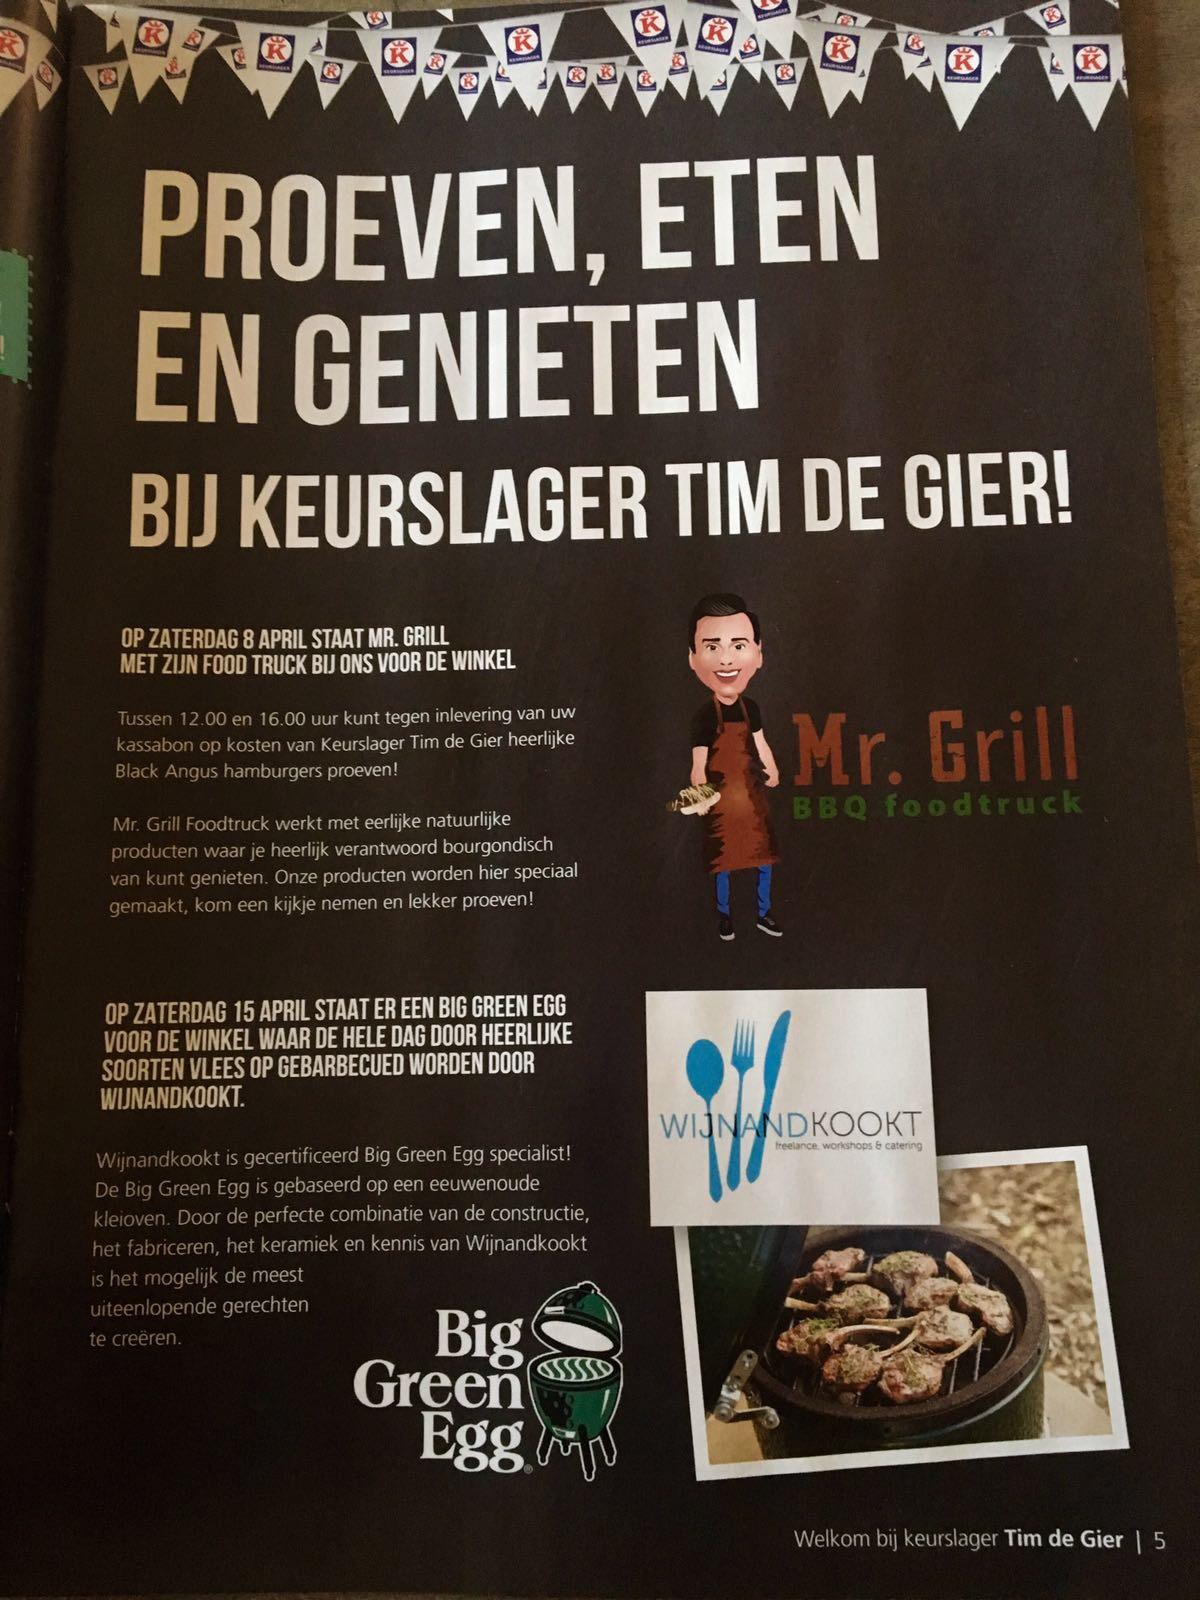 MrGrill-Keurslagerij-Tim-de-Gier